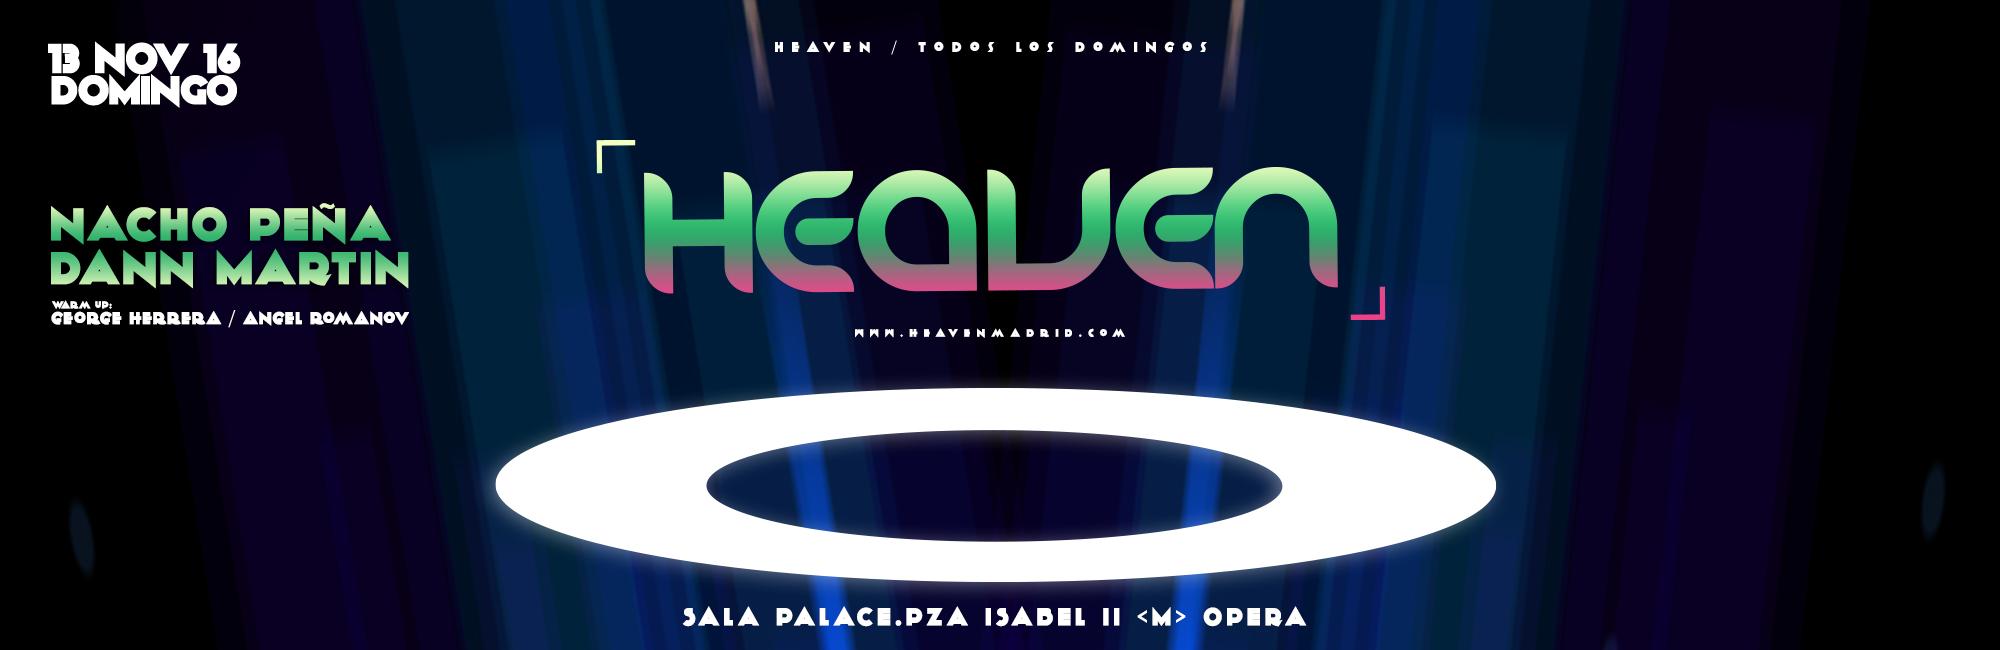 hvn-d13n2016-web